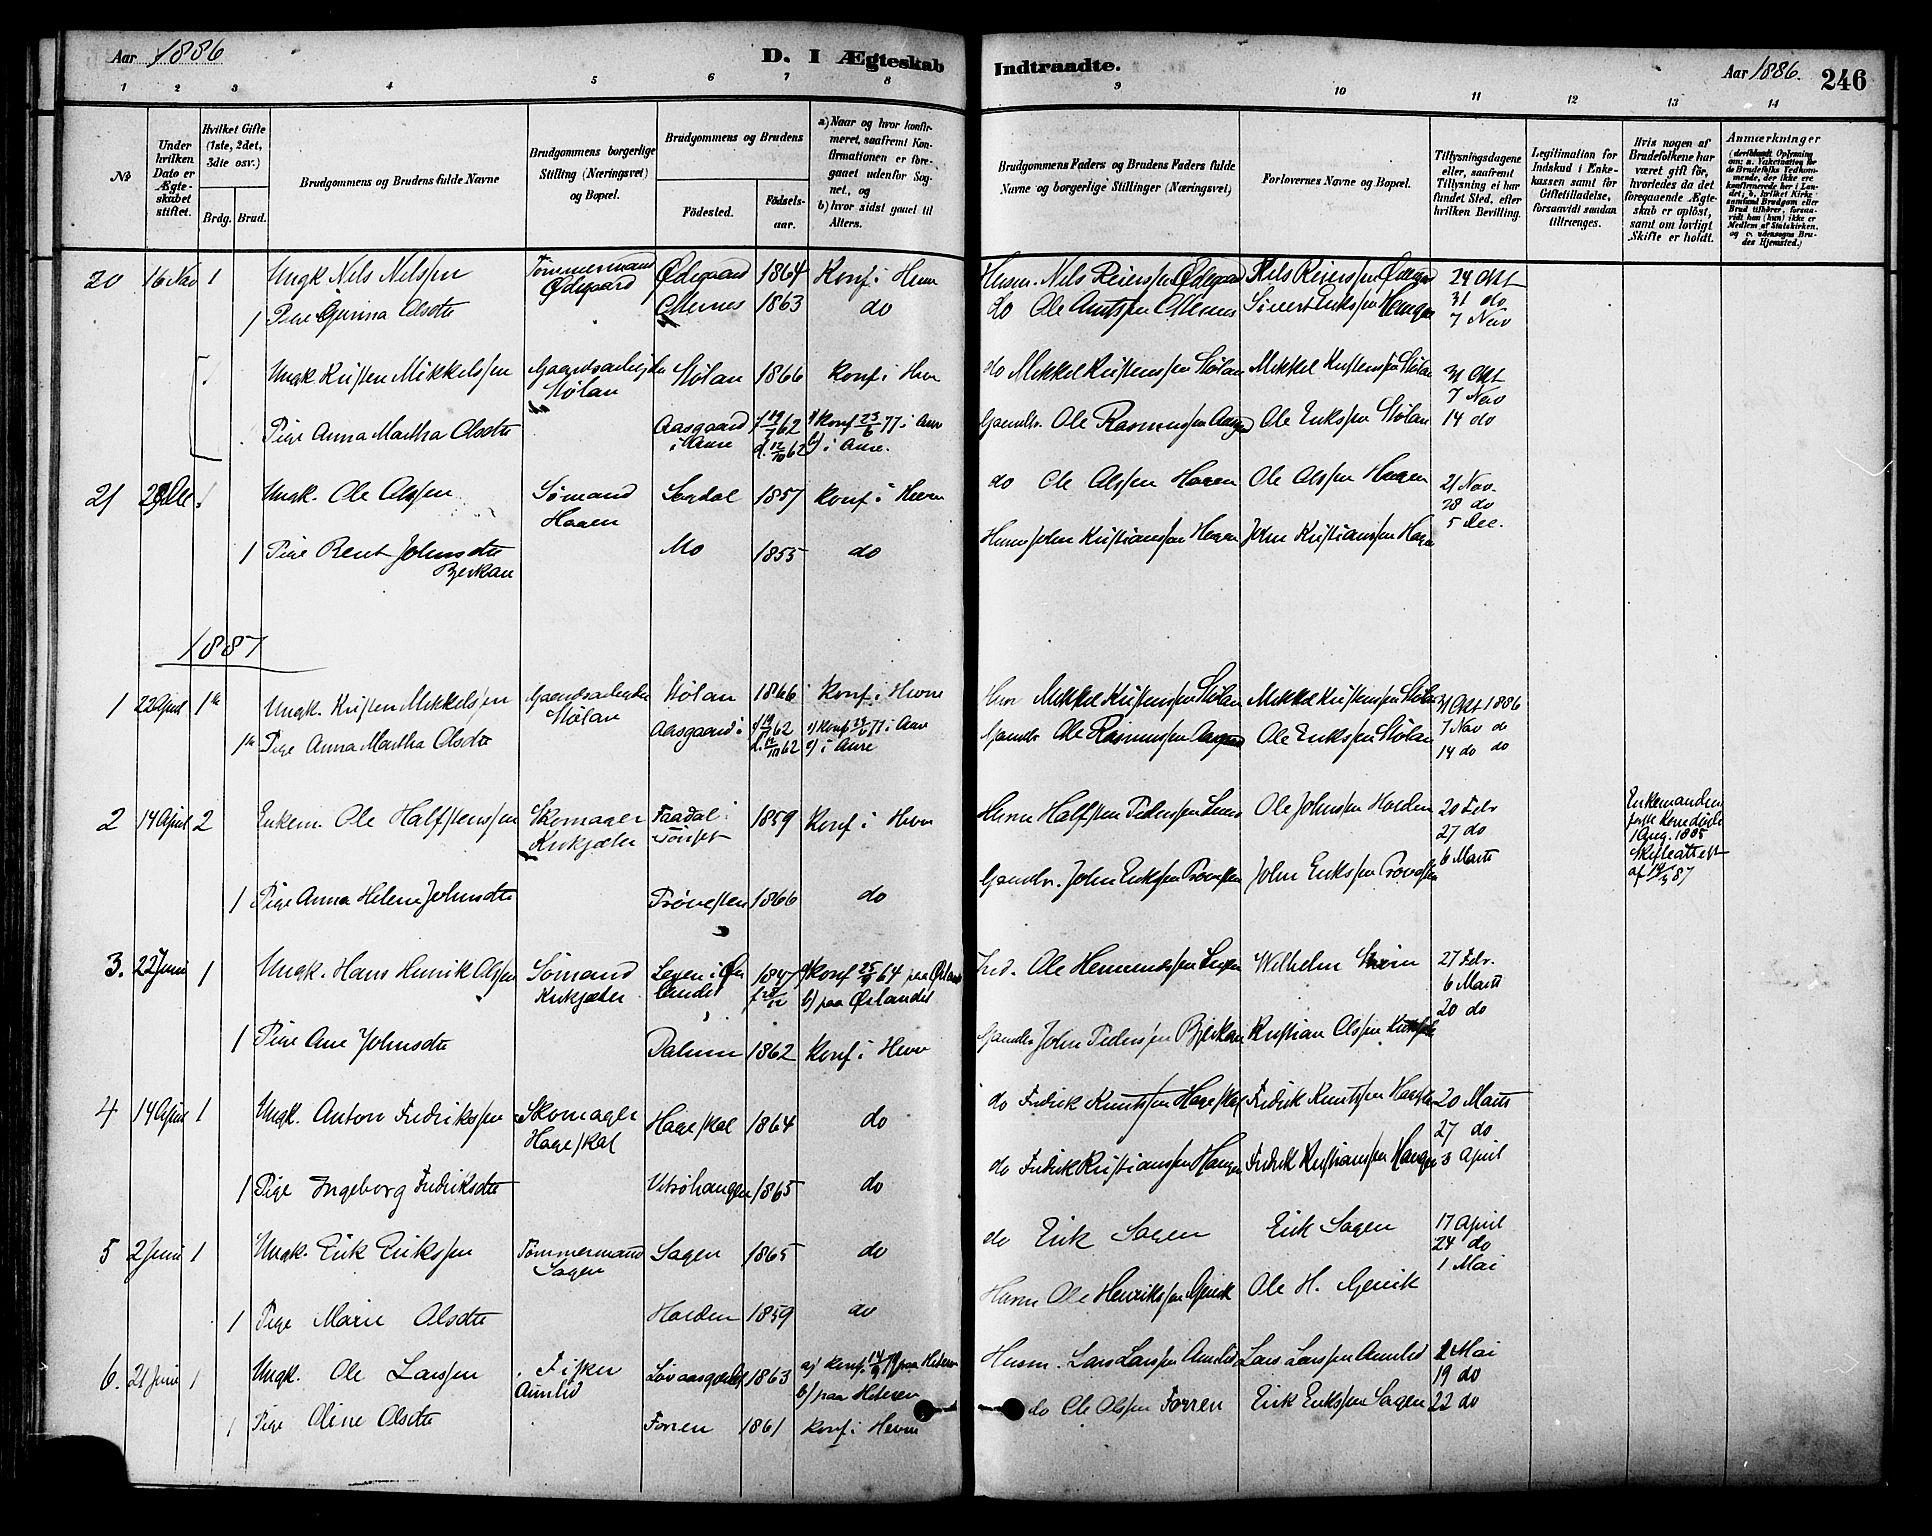 SAT, Ministerialprotokoller, klokkerbøker og fødselsregistre - Sør-Trøndelag, 630/L0496: Ministerialbok nr. 630A09, 1879-1895, s. 246